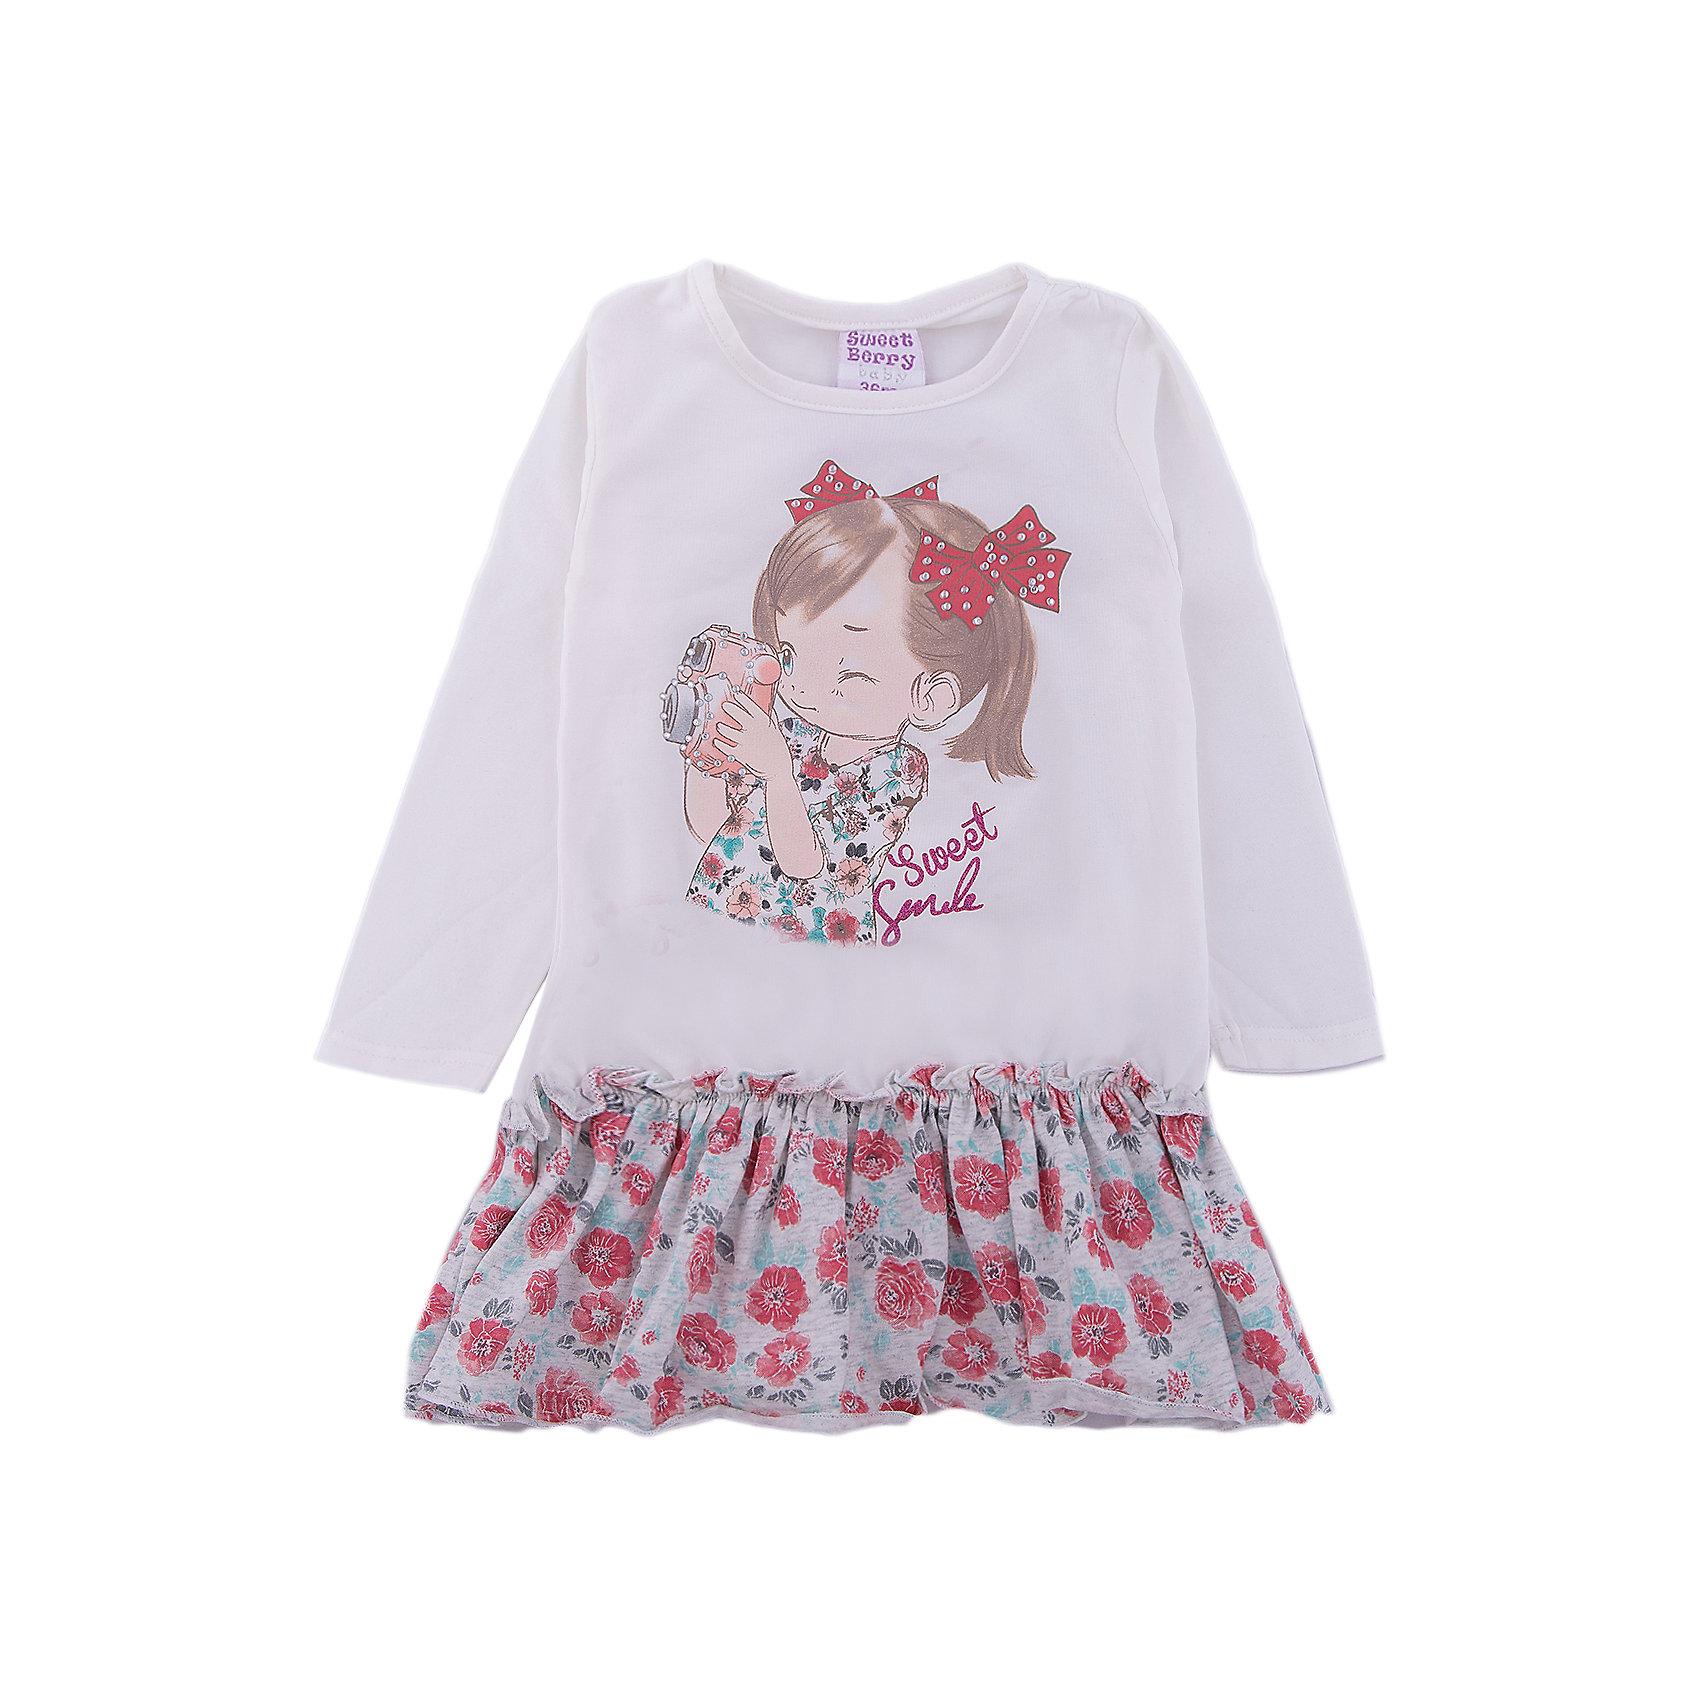 Платье Sweet Berry для девочкиПлатья<br>Платье Sweet Berry для девочки<br>Трикотажное платье для девочки с длинным рукавом из мягкого хлопкового полотна декорированное милым принтом и контрастным воланом по низу изделия.<br>Состав:<br>95% хлопок, 5% эластан<br><br>Ширина мм: 236<br>Глубина мм: 16<br>Высота мм: 184<br>Вес г: 177<br>Цвет: бежевый<br>Возраст от месяцев: 24<br>Возраст до месяцев: 36<br>Пол: Женский<br>Возраст: Детский<br>Размер: 98,80,86,92<br>SKU: 7094518